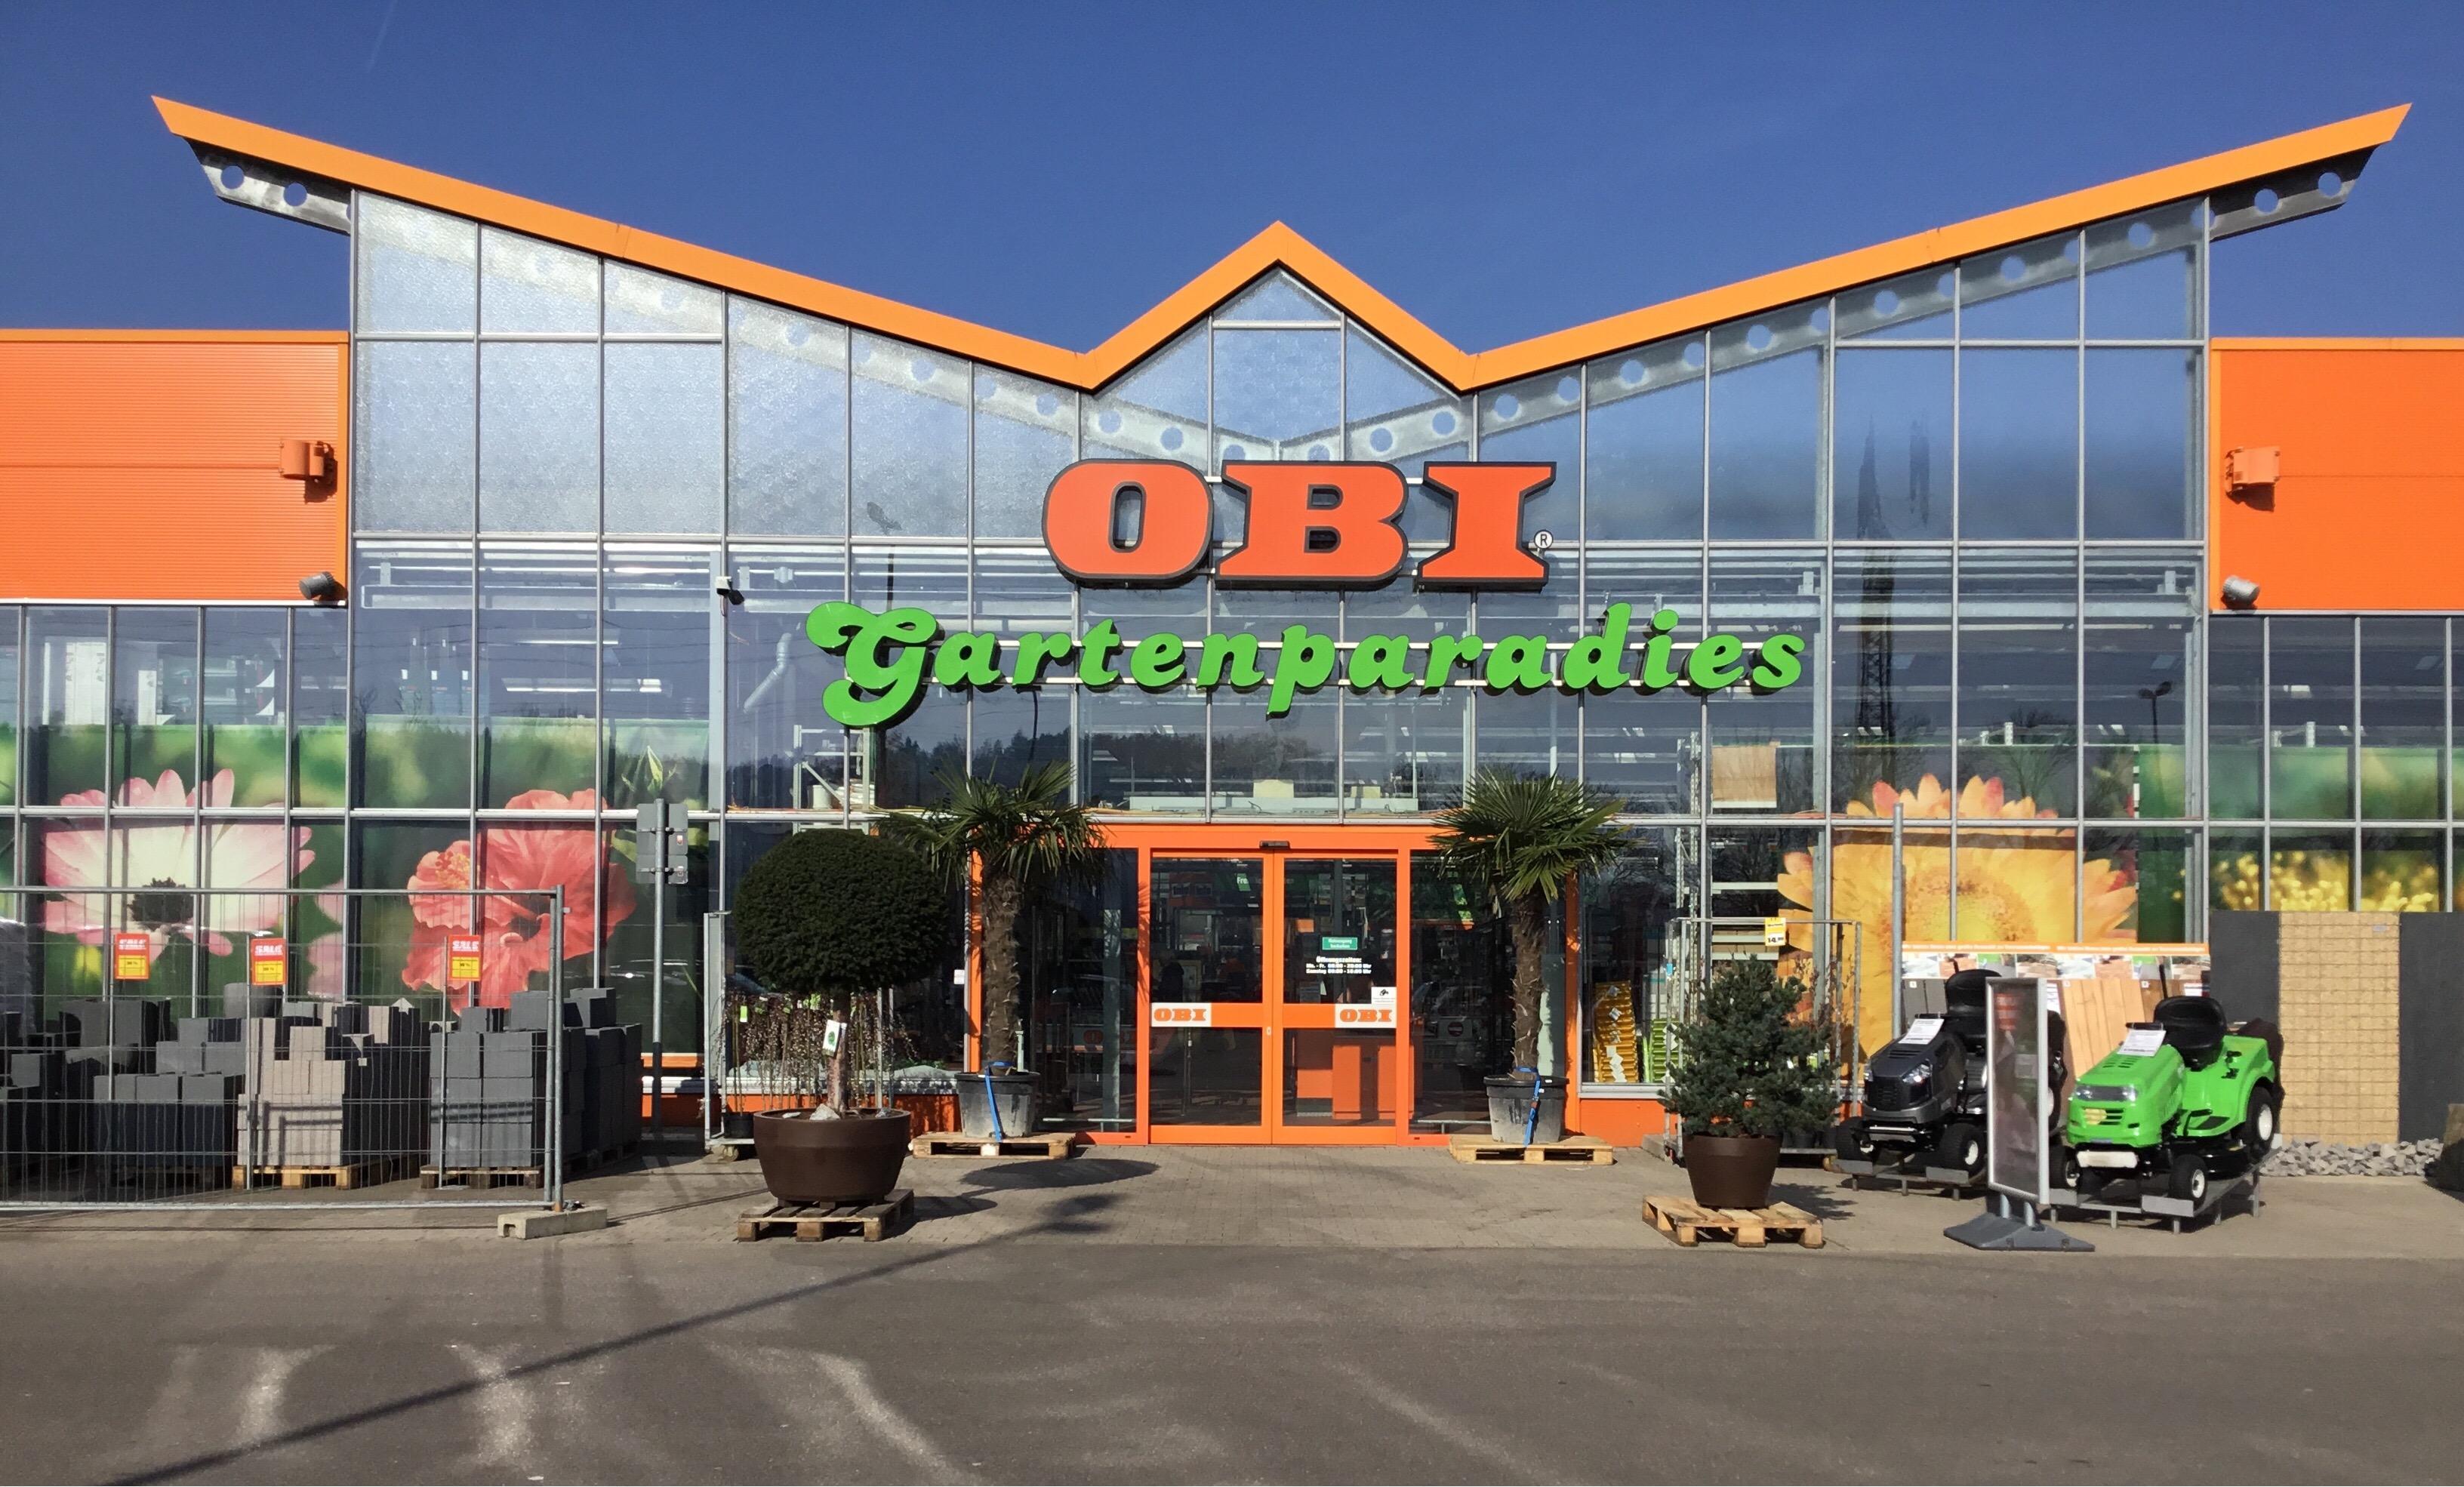 Obi Markt Waldshut Tiengen 8 Bewertungen Waldshut Tiengen Waldshut Lise Meitner Ring Golocal